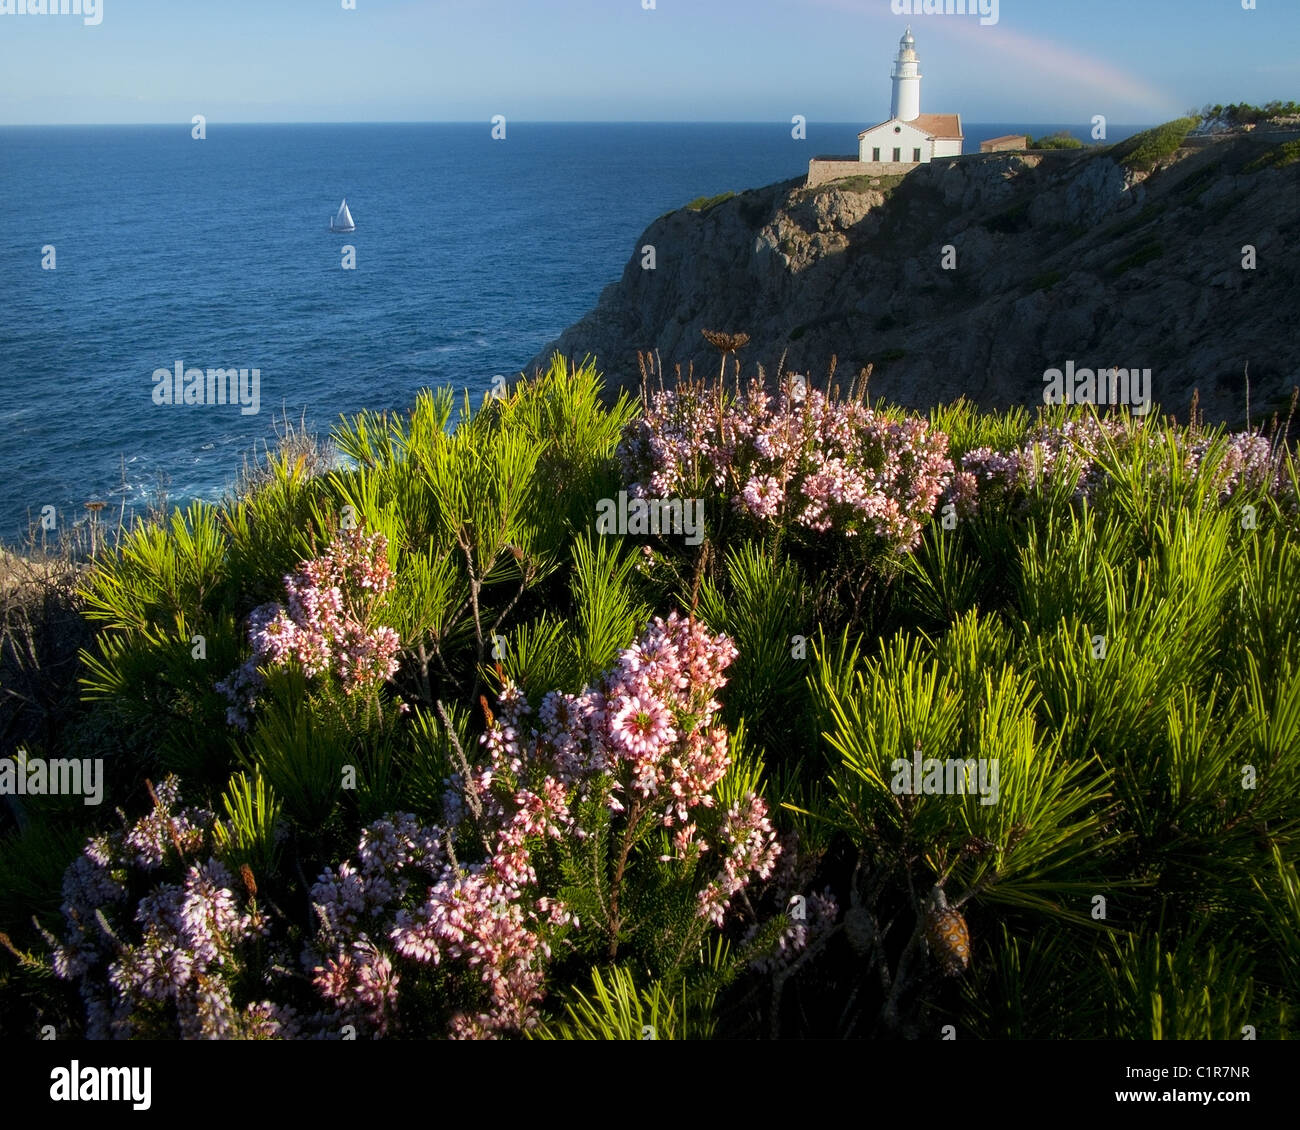 ES - MALLORCA: Lighthouse of Cala Ratjada at Punta de Capdepera - Stock Image